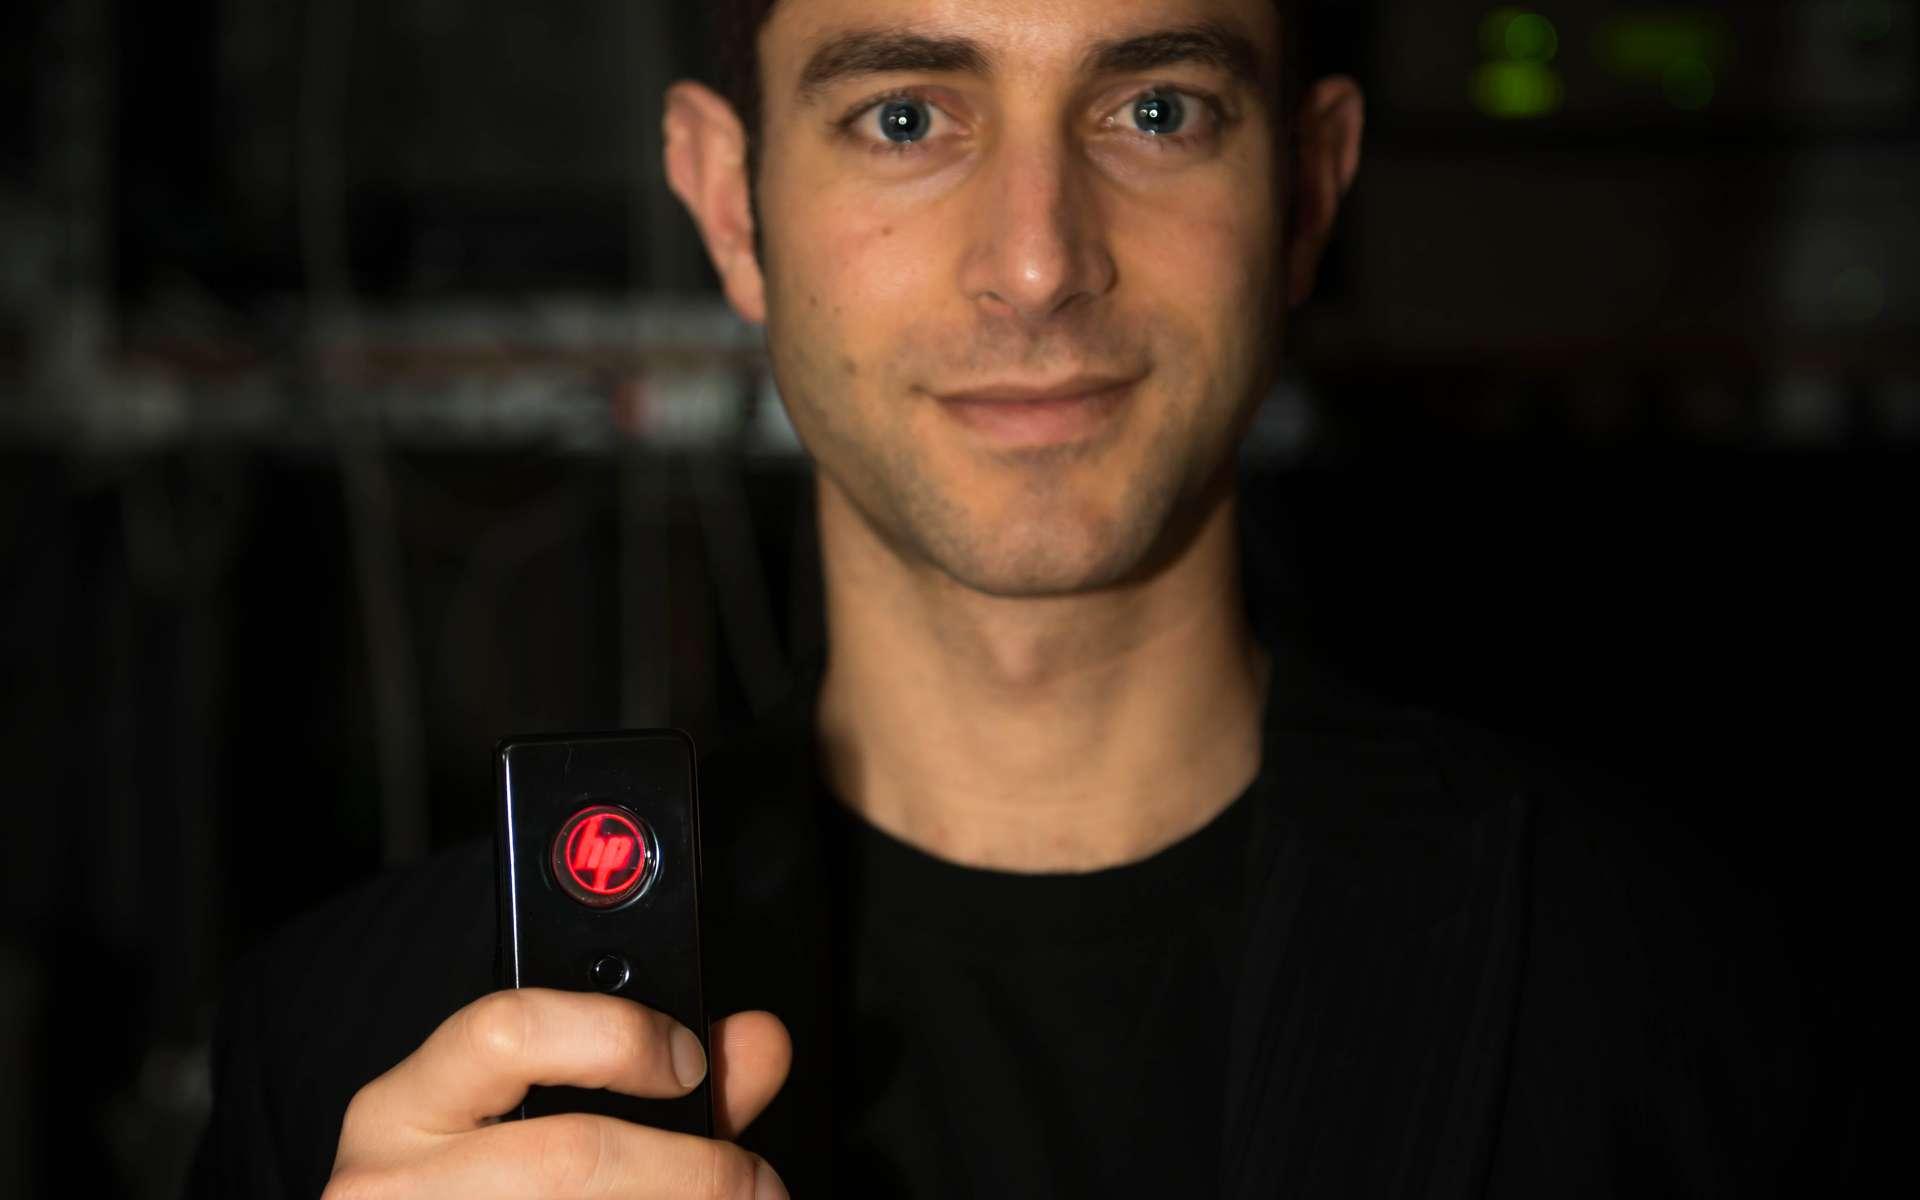 Le chercheur français David Fattal travaille actuellement dans le groupe de nanophotonique des HP Labs de Palo Alto, en Californie. Diplômé de l'École polytechnique (major de promotion) et de l'université Stanford, il est lauréat du prix MIT Technology Review qui vient de lui être décerné en tant que jeune innovateur français de moins de 35 ans. Il compte à son actif une cinquantaine de brevets. © HP, Nature